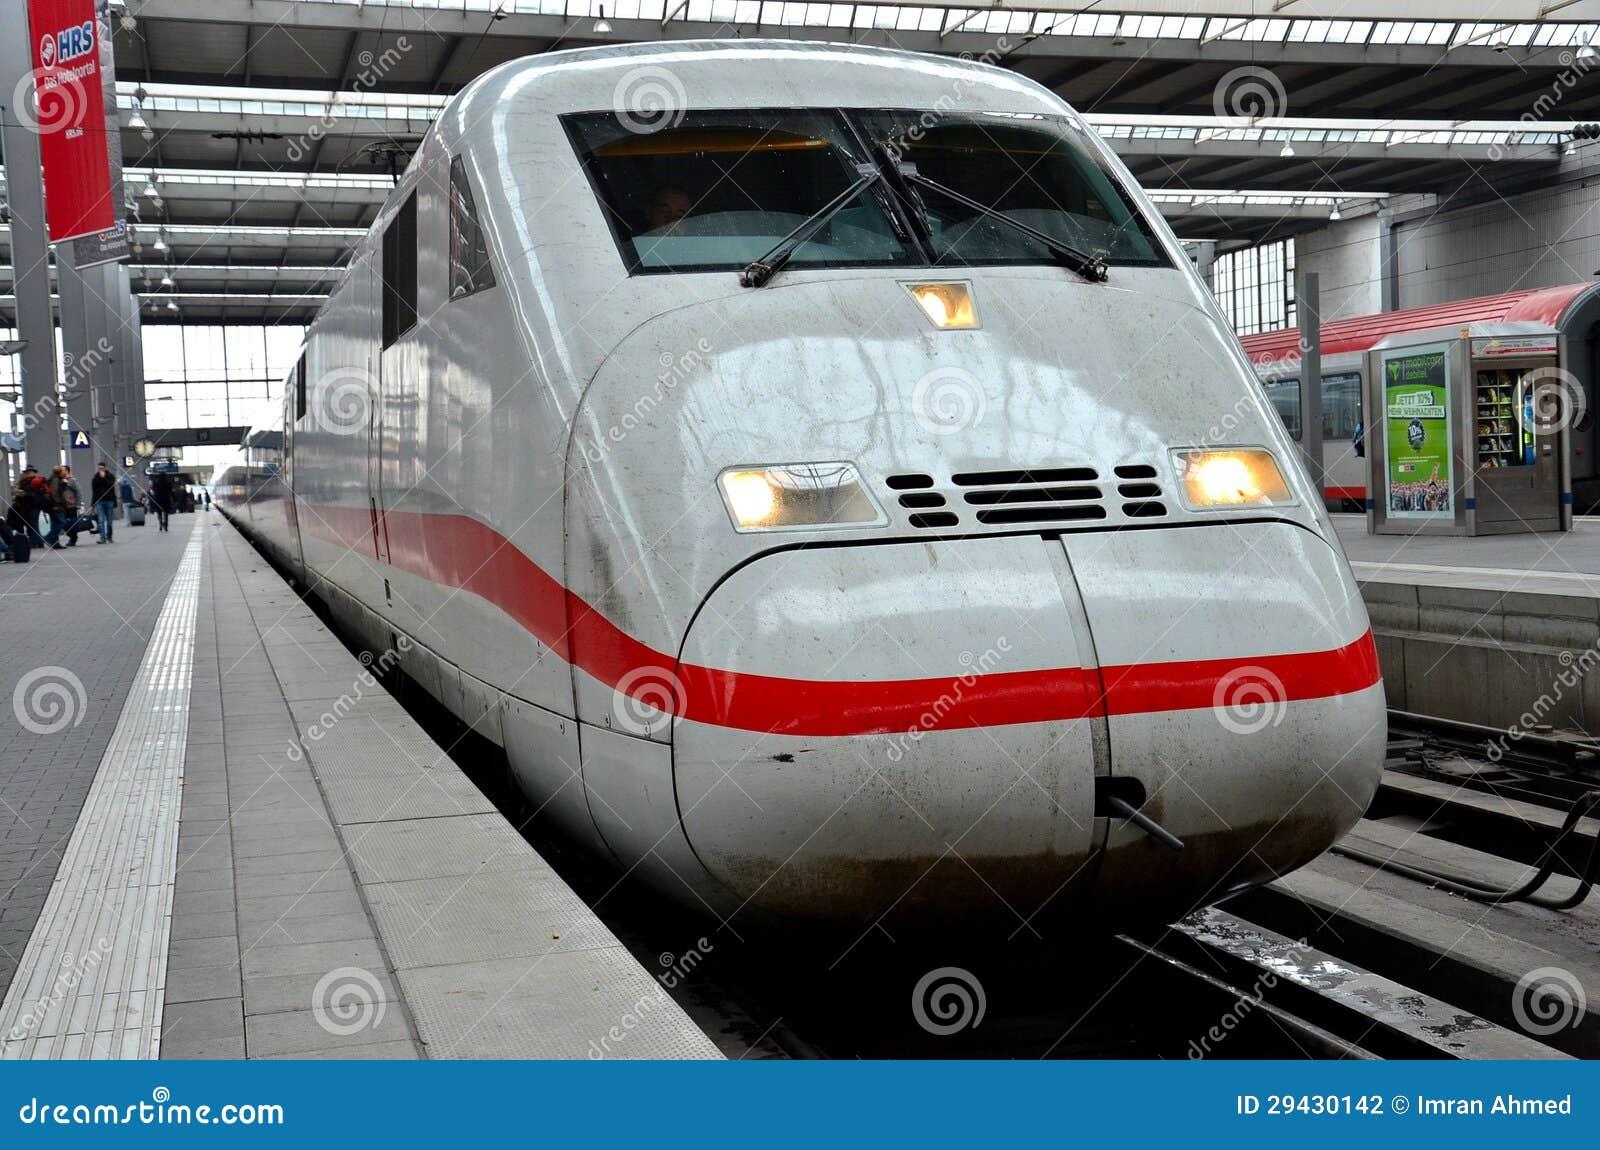 Γερμανικό intercity τραίνο σφαιρών στο σταθμό τρένου του Μόναχου, Γερμανία